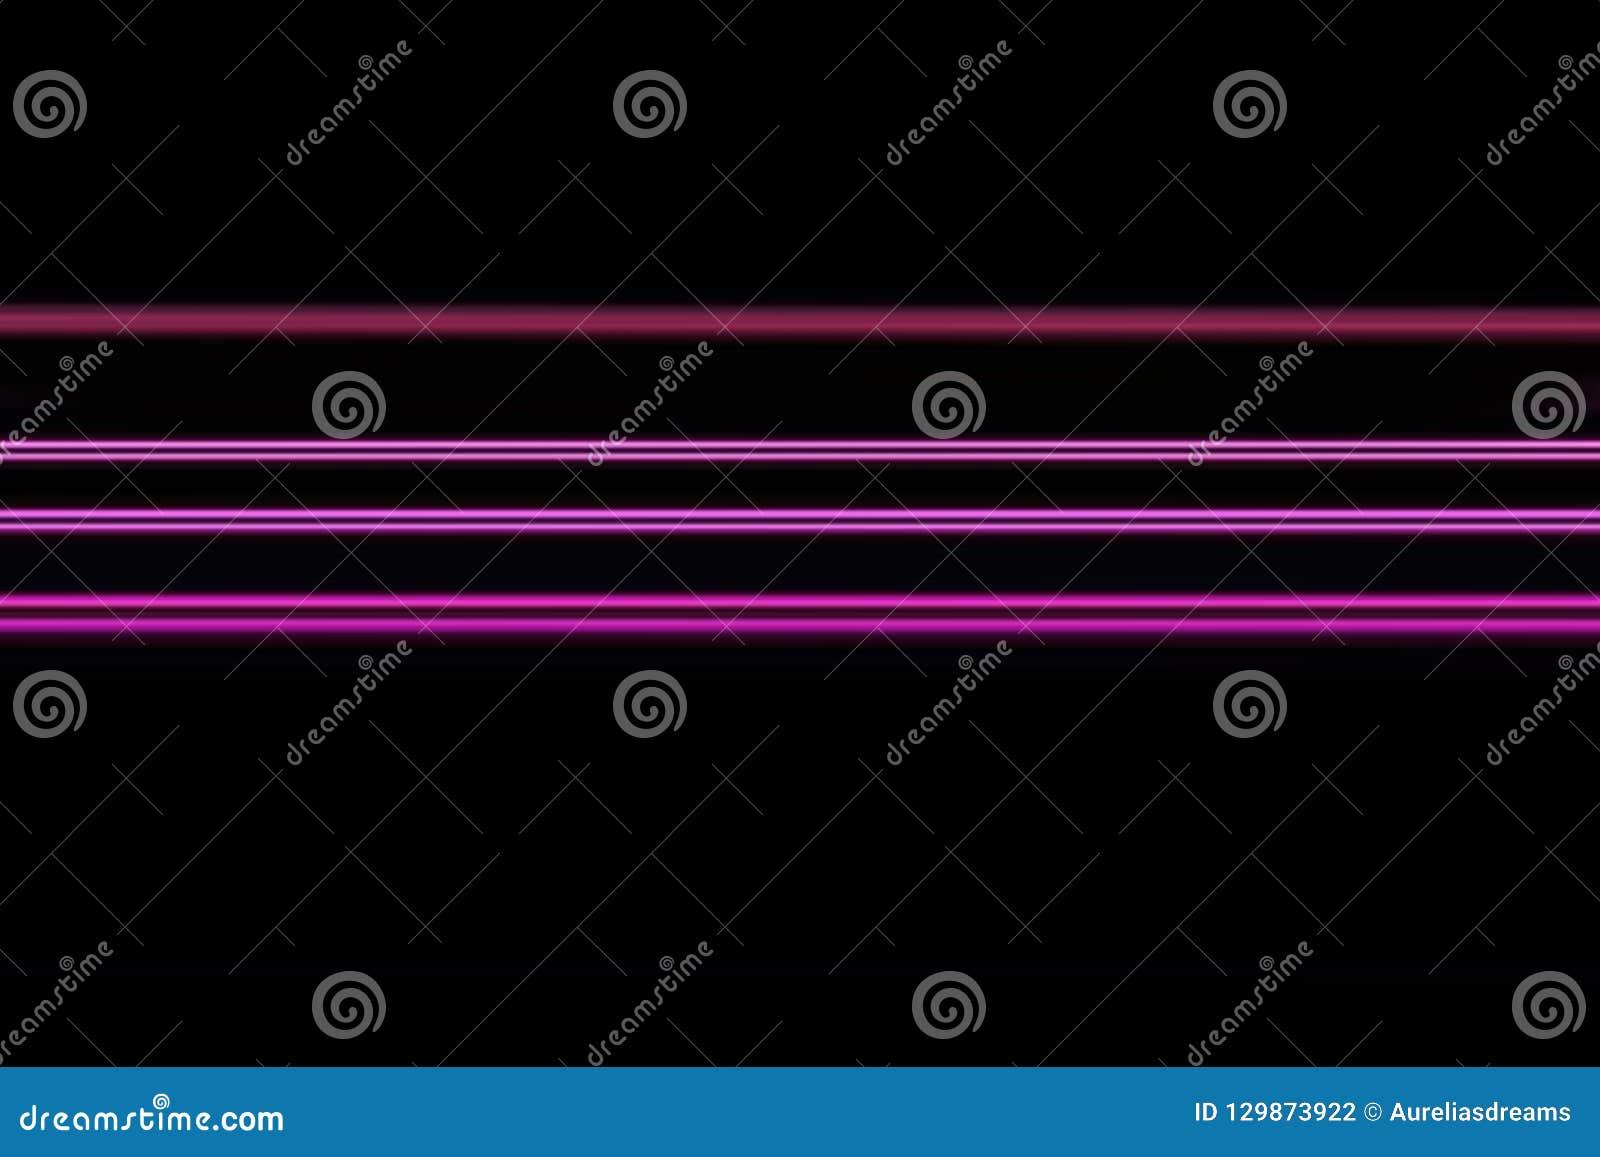 Líneas de neón horizontales brillantes fondo, textura del extracto olorful del ¡de Ð